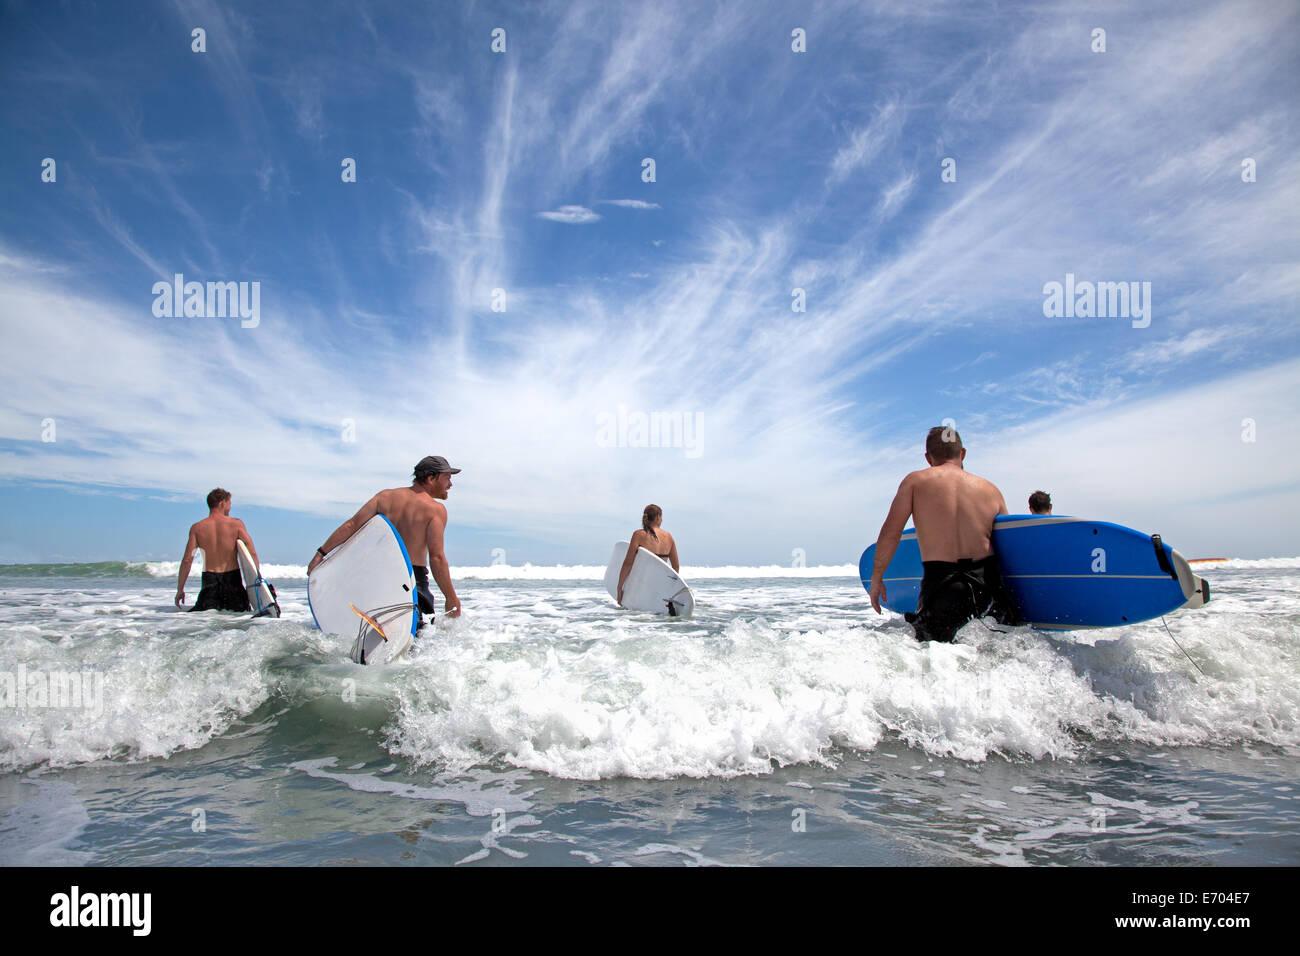 Groupe d'hommes et femmes d'amis surfeur pataugez dans la mer avec des planches de surf Banque D'Images